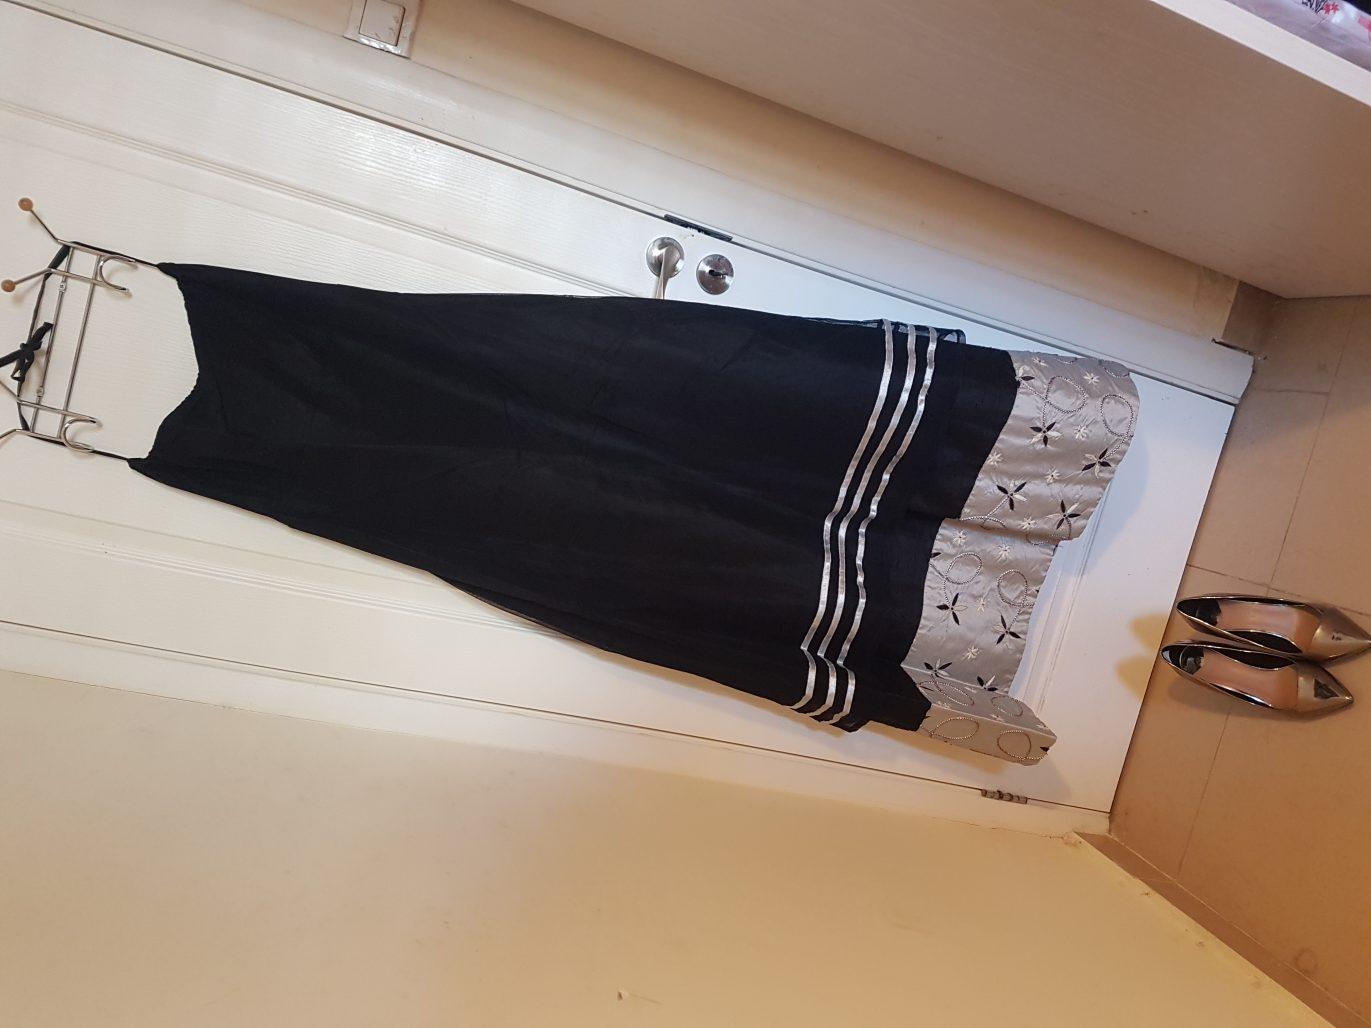 תמונות נוספות של שמלות מהממות